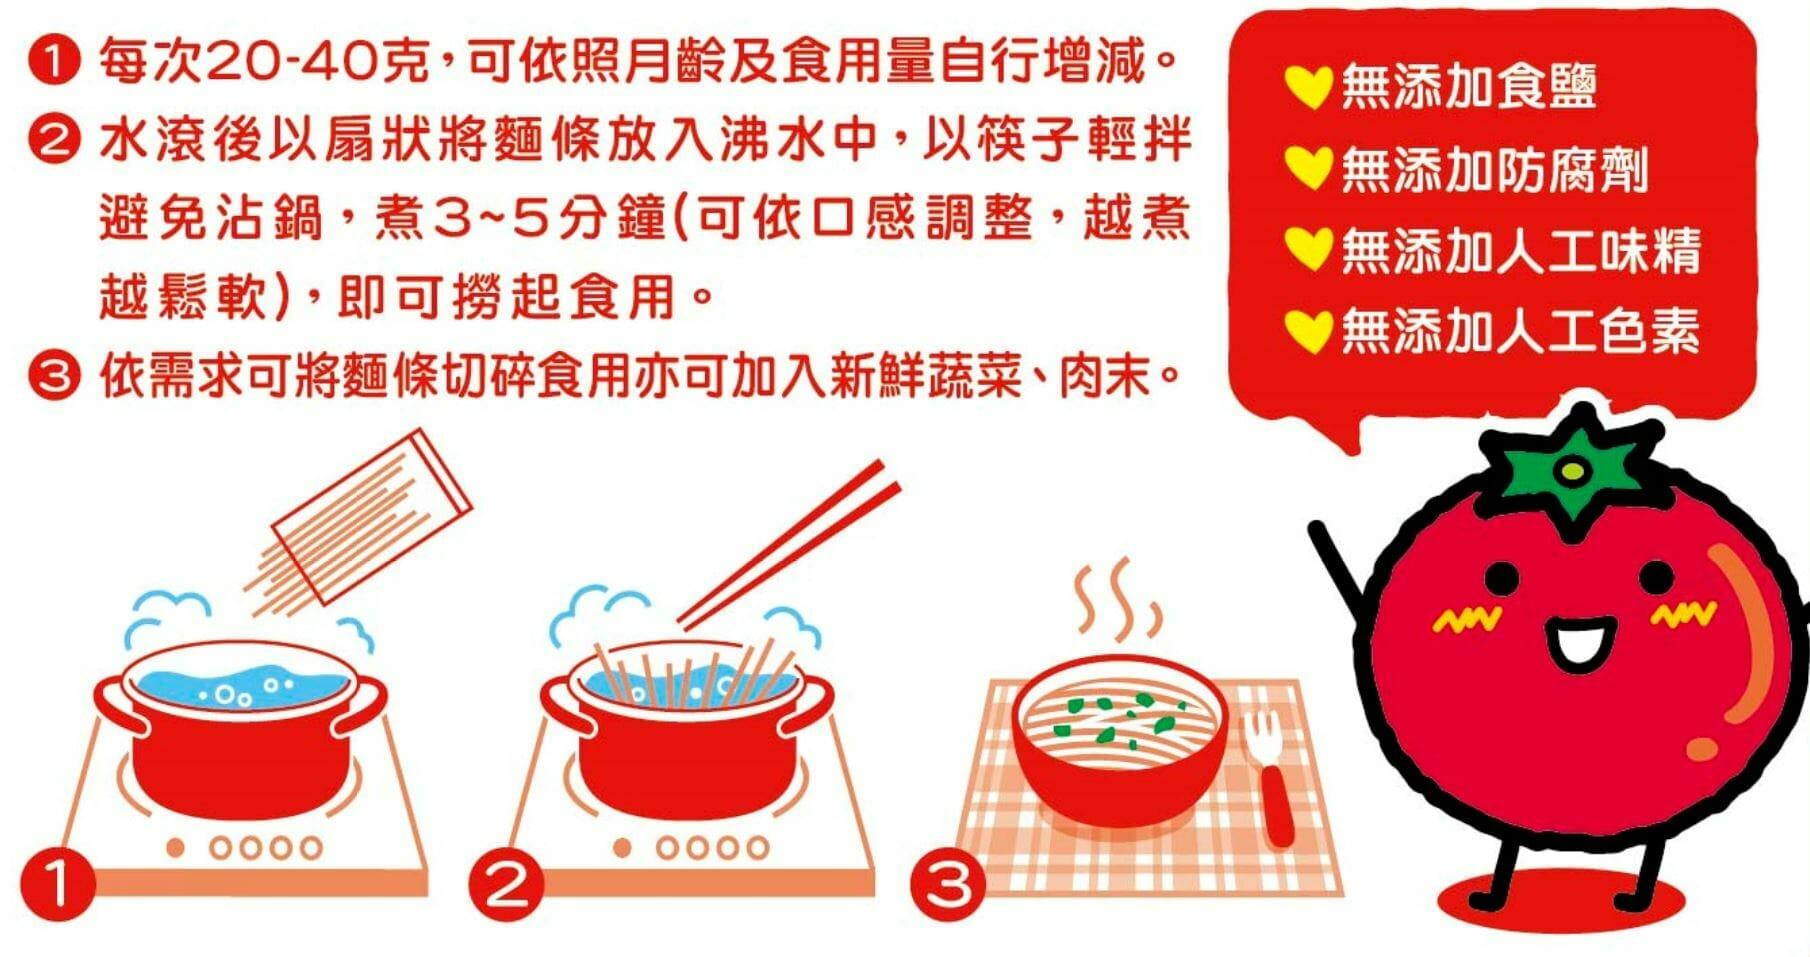 穗穗康健寶寶麵 台灣製的無鹽寶寶麵線 - 27